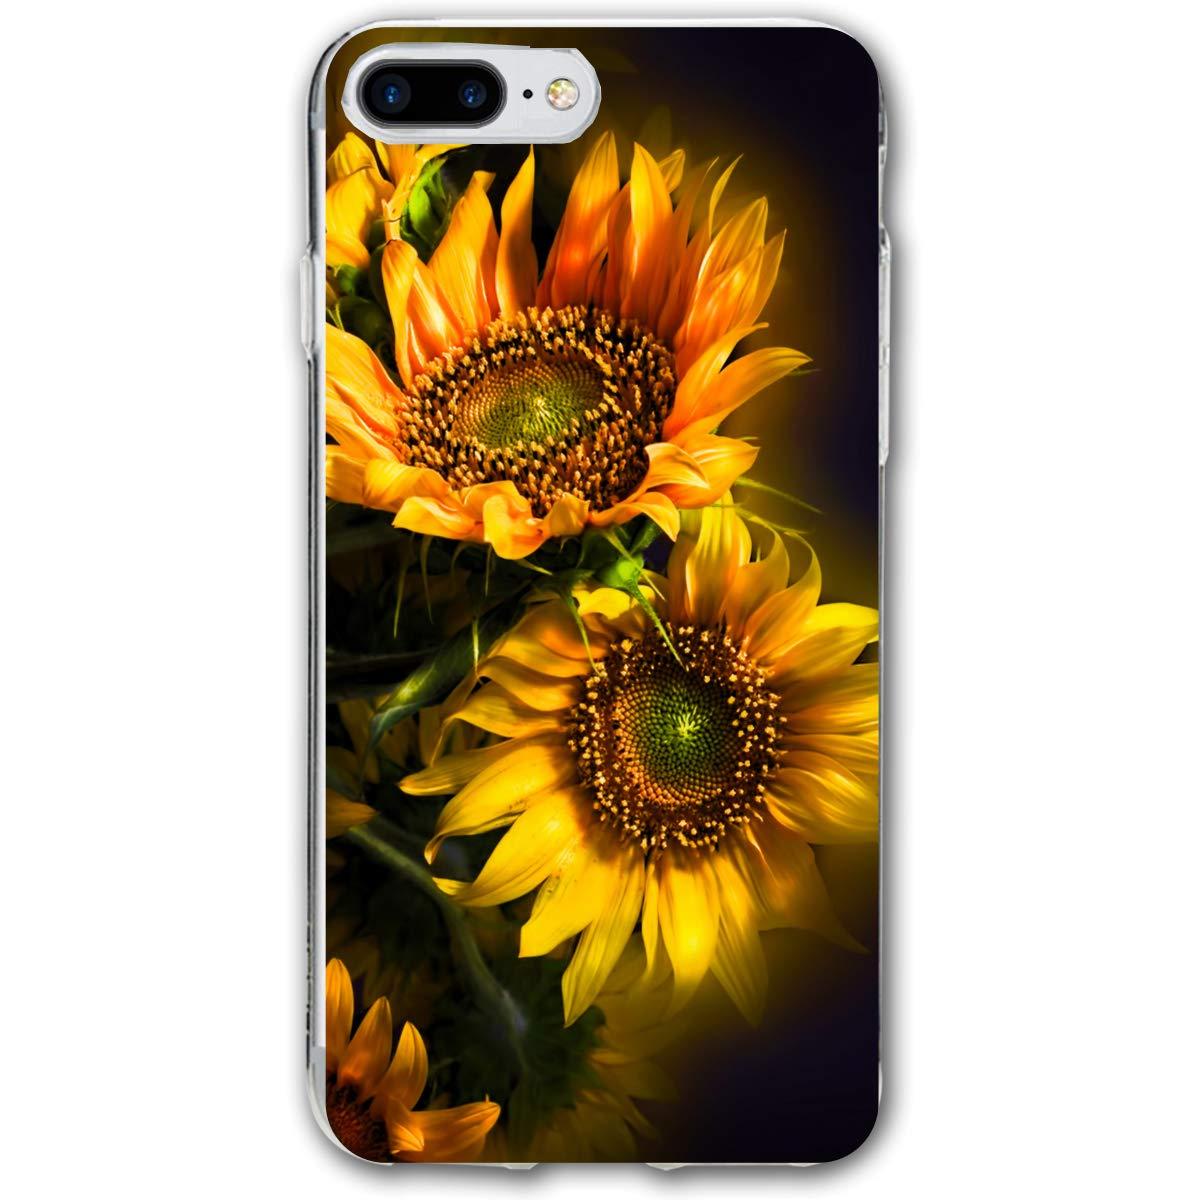 Orange Sunflower Wallpaper Iphone 78 Plus Case Cover